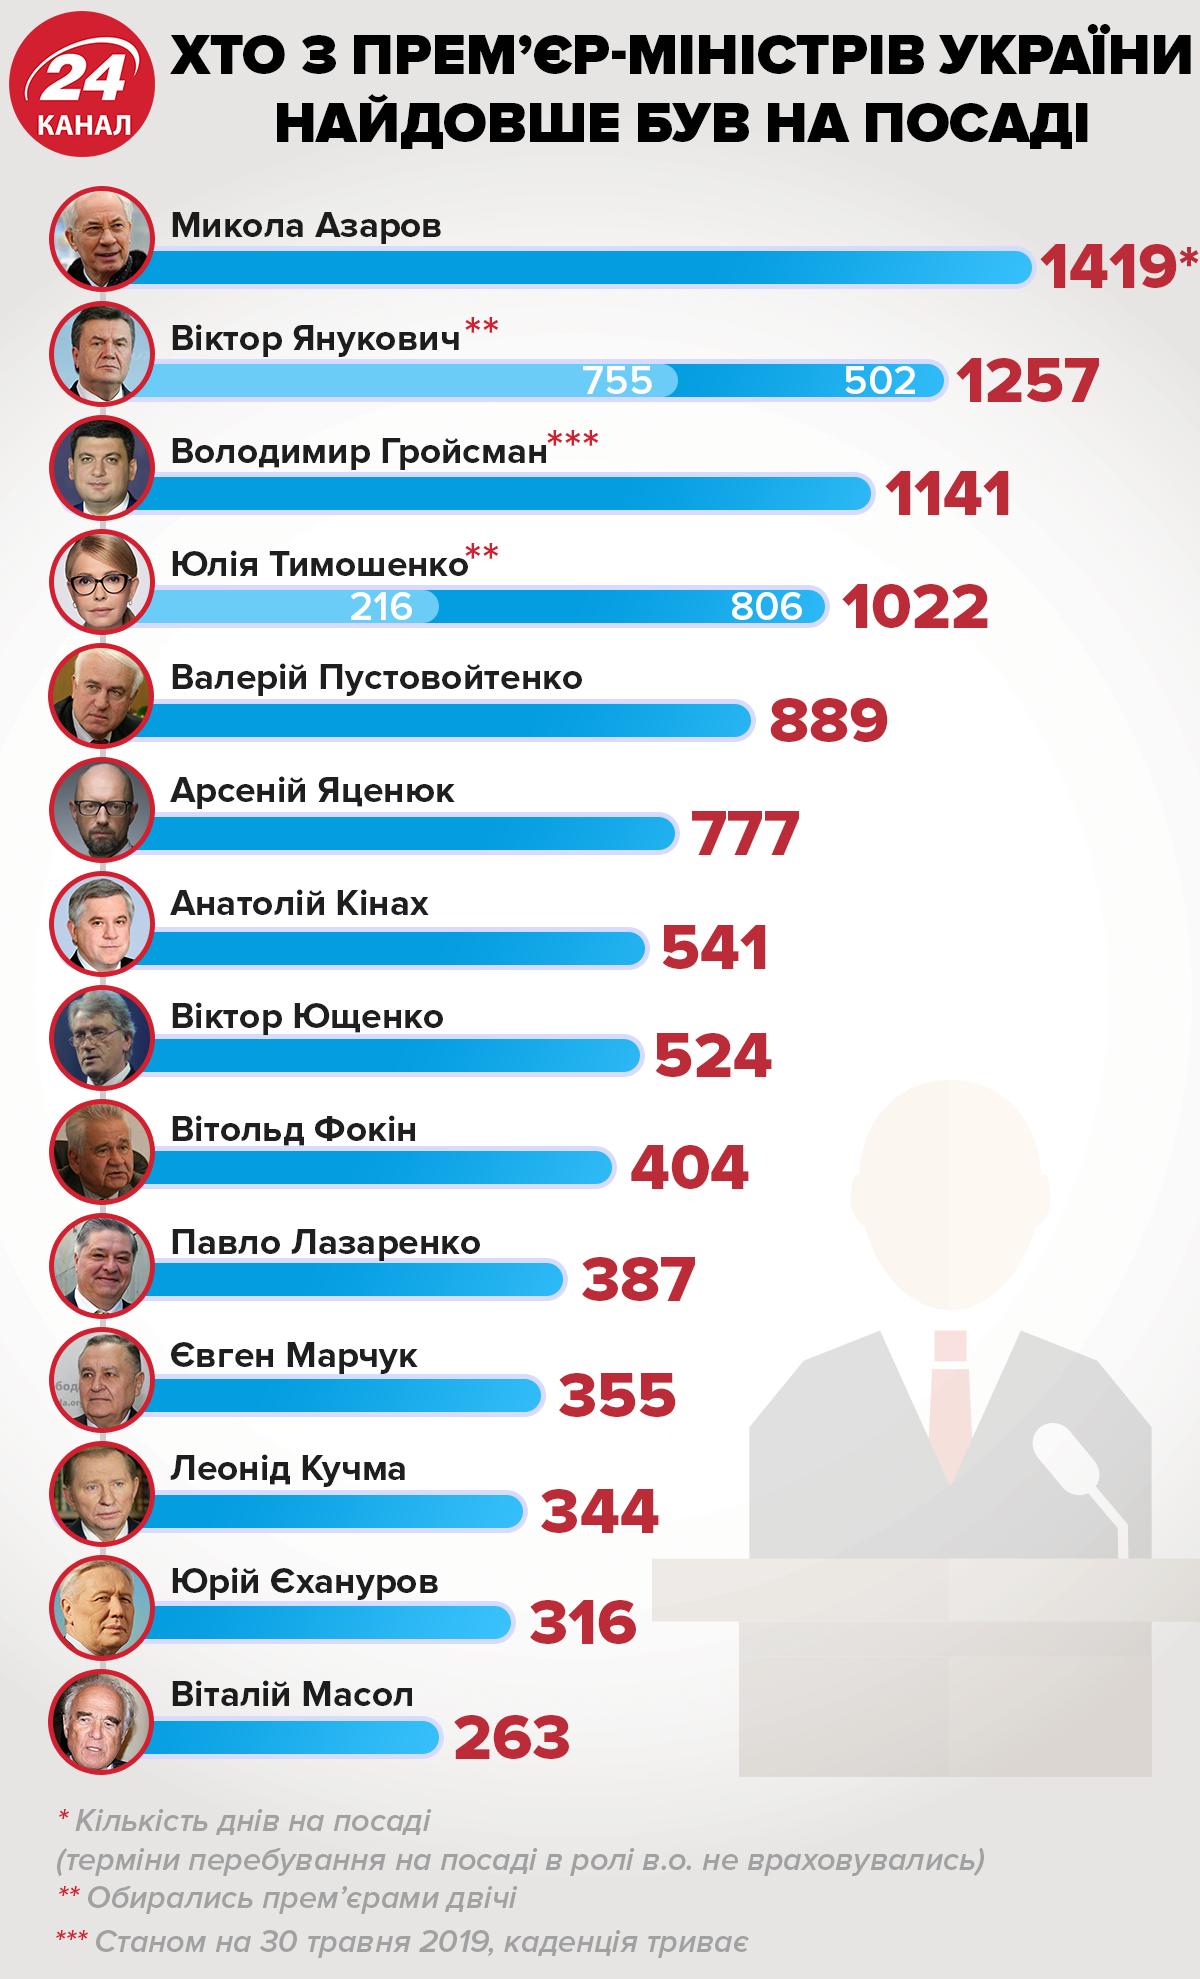 Прем'єр-міністри України